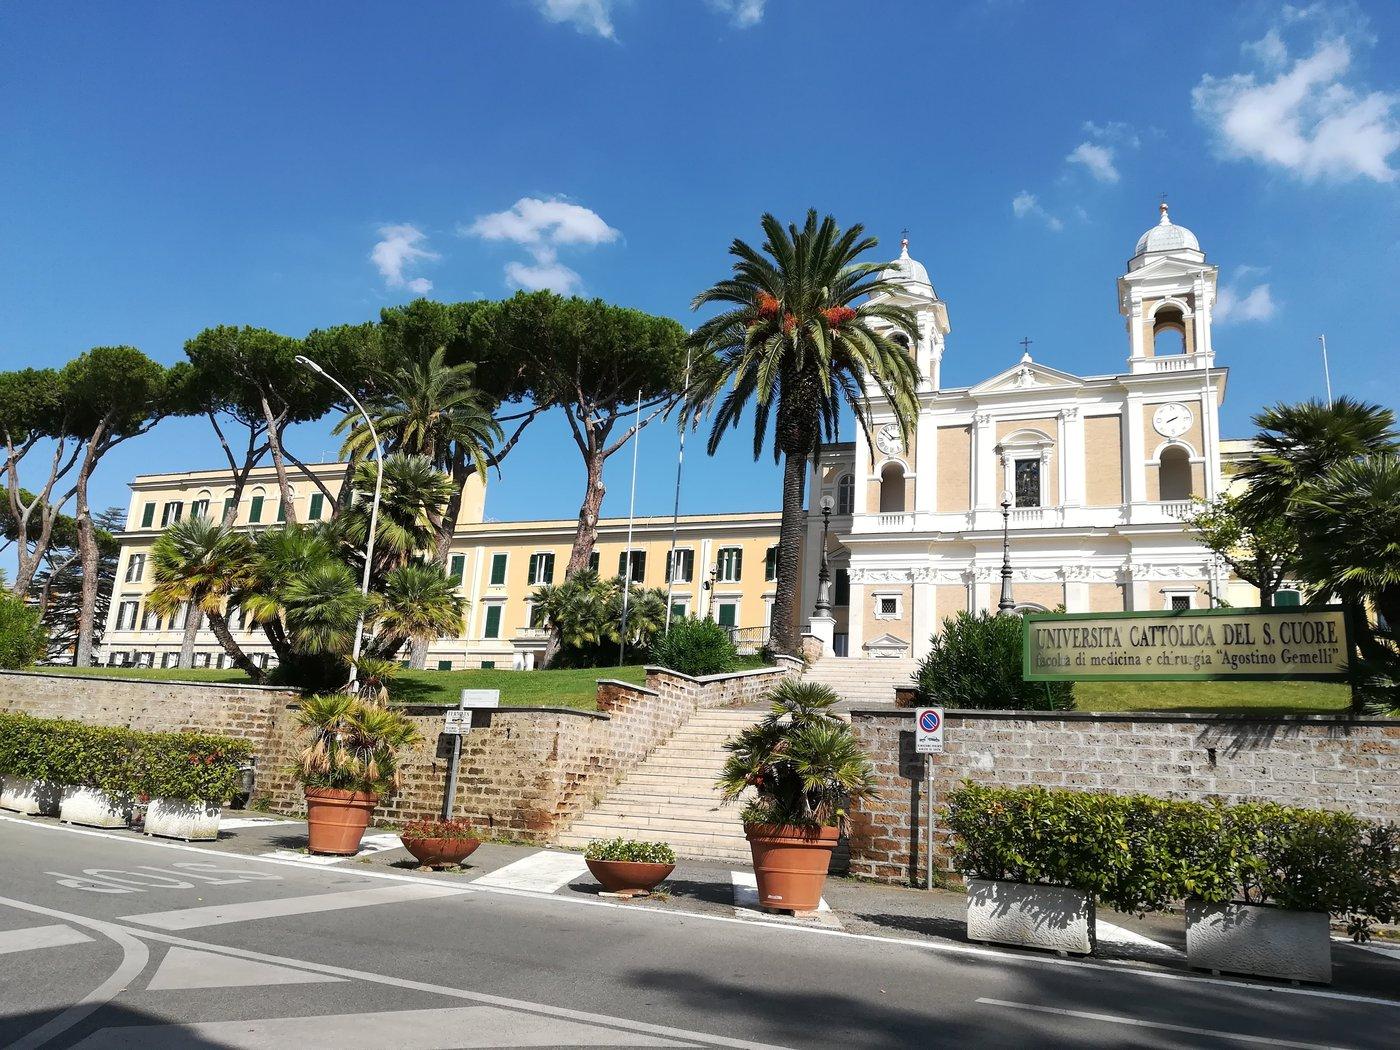 Università Cattolica del Sacro Cuore in Rome